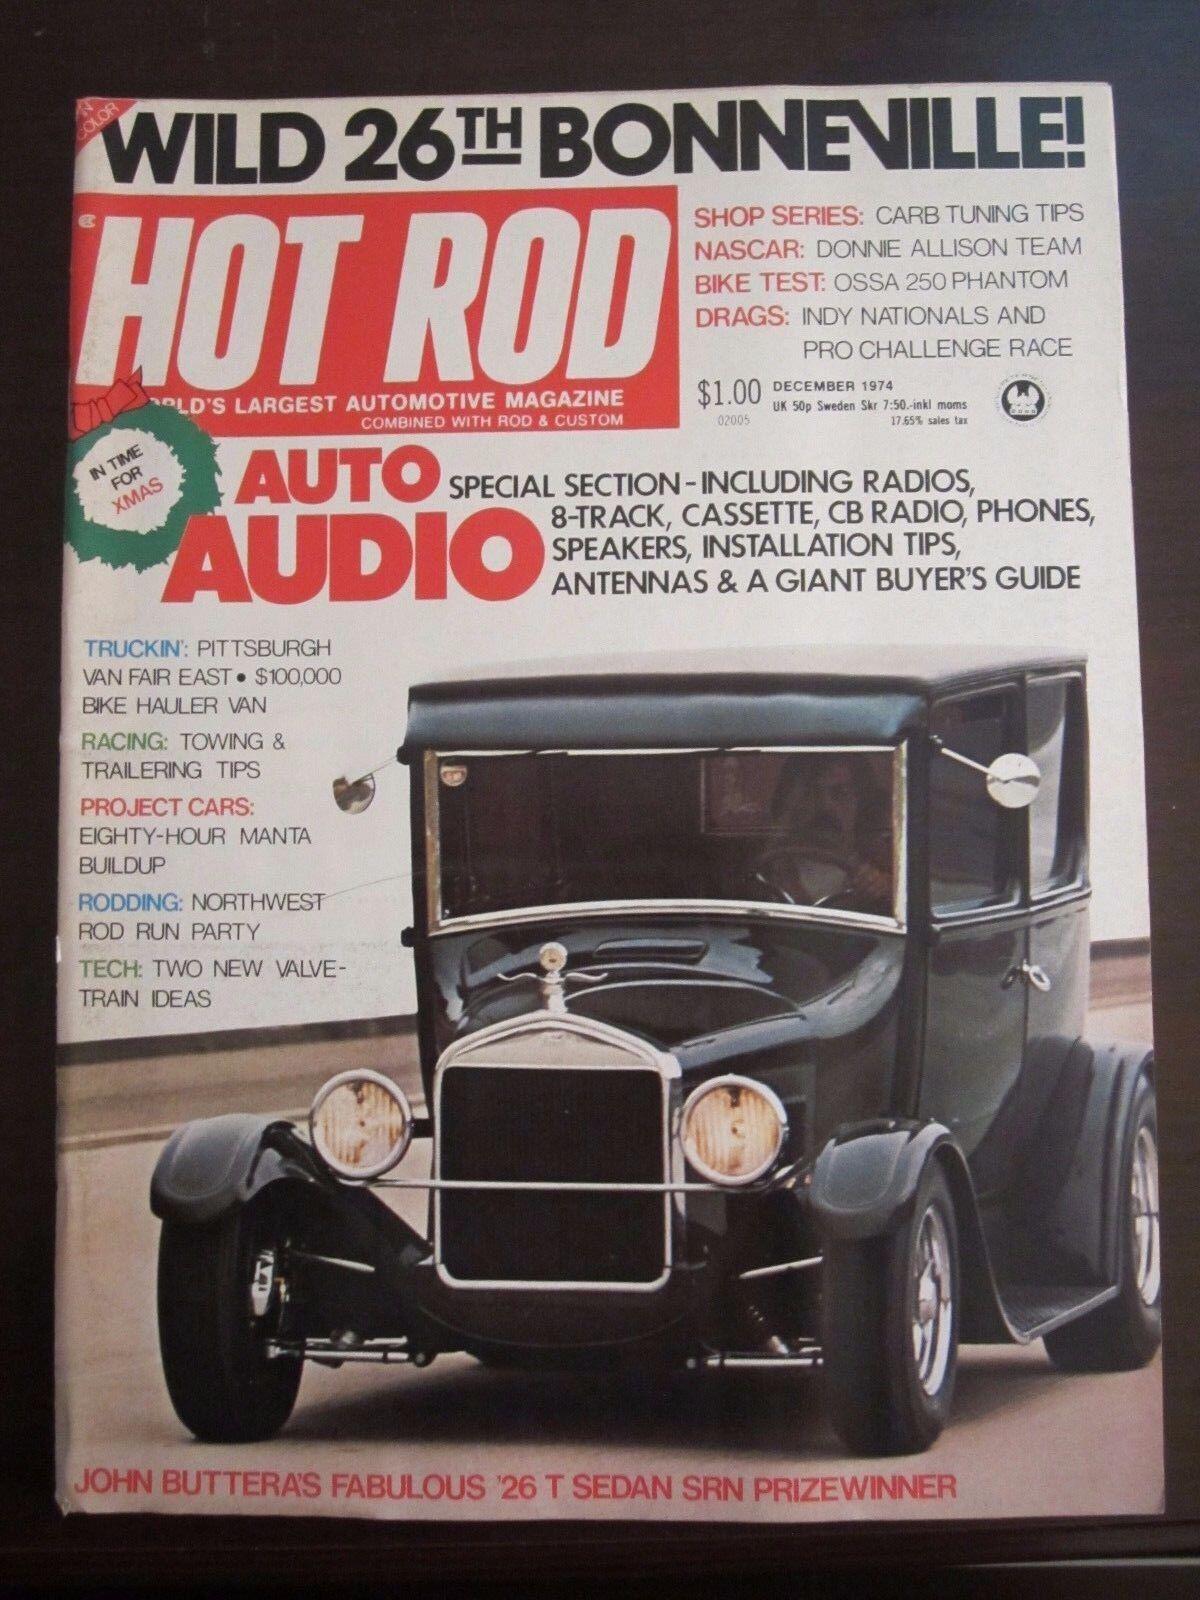 Hot Rod - December, 1974 Back Issue | eBay